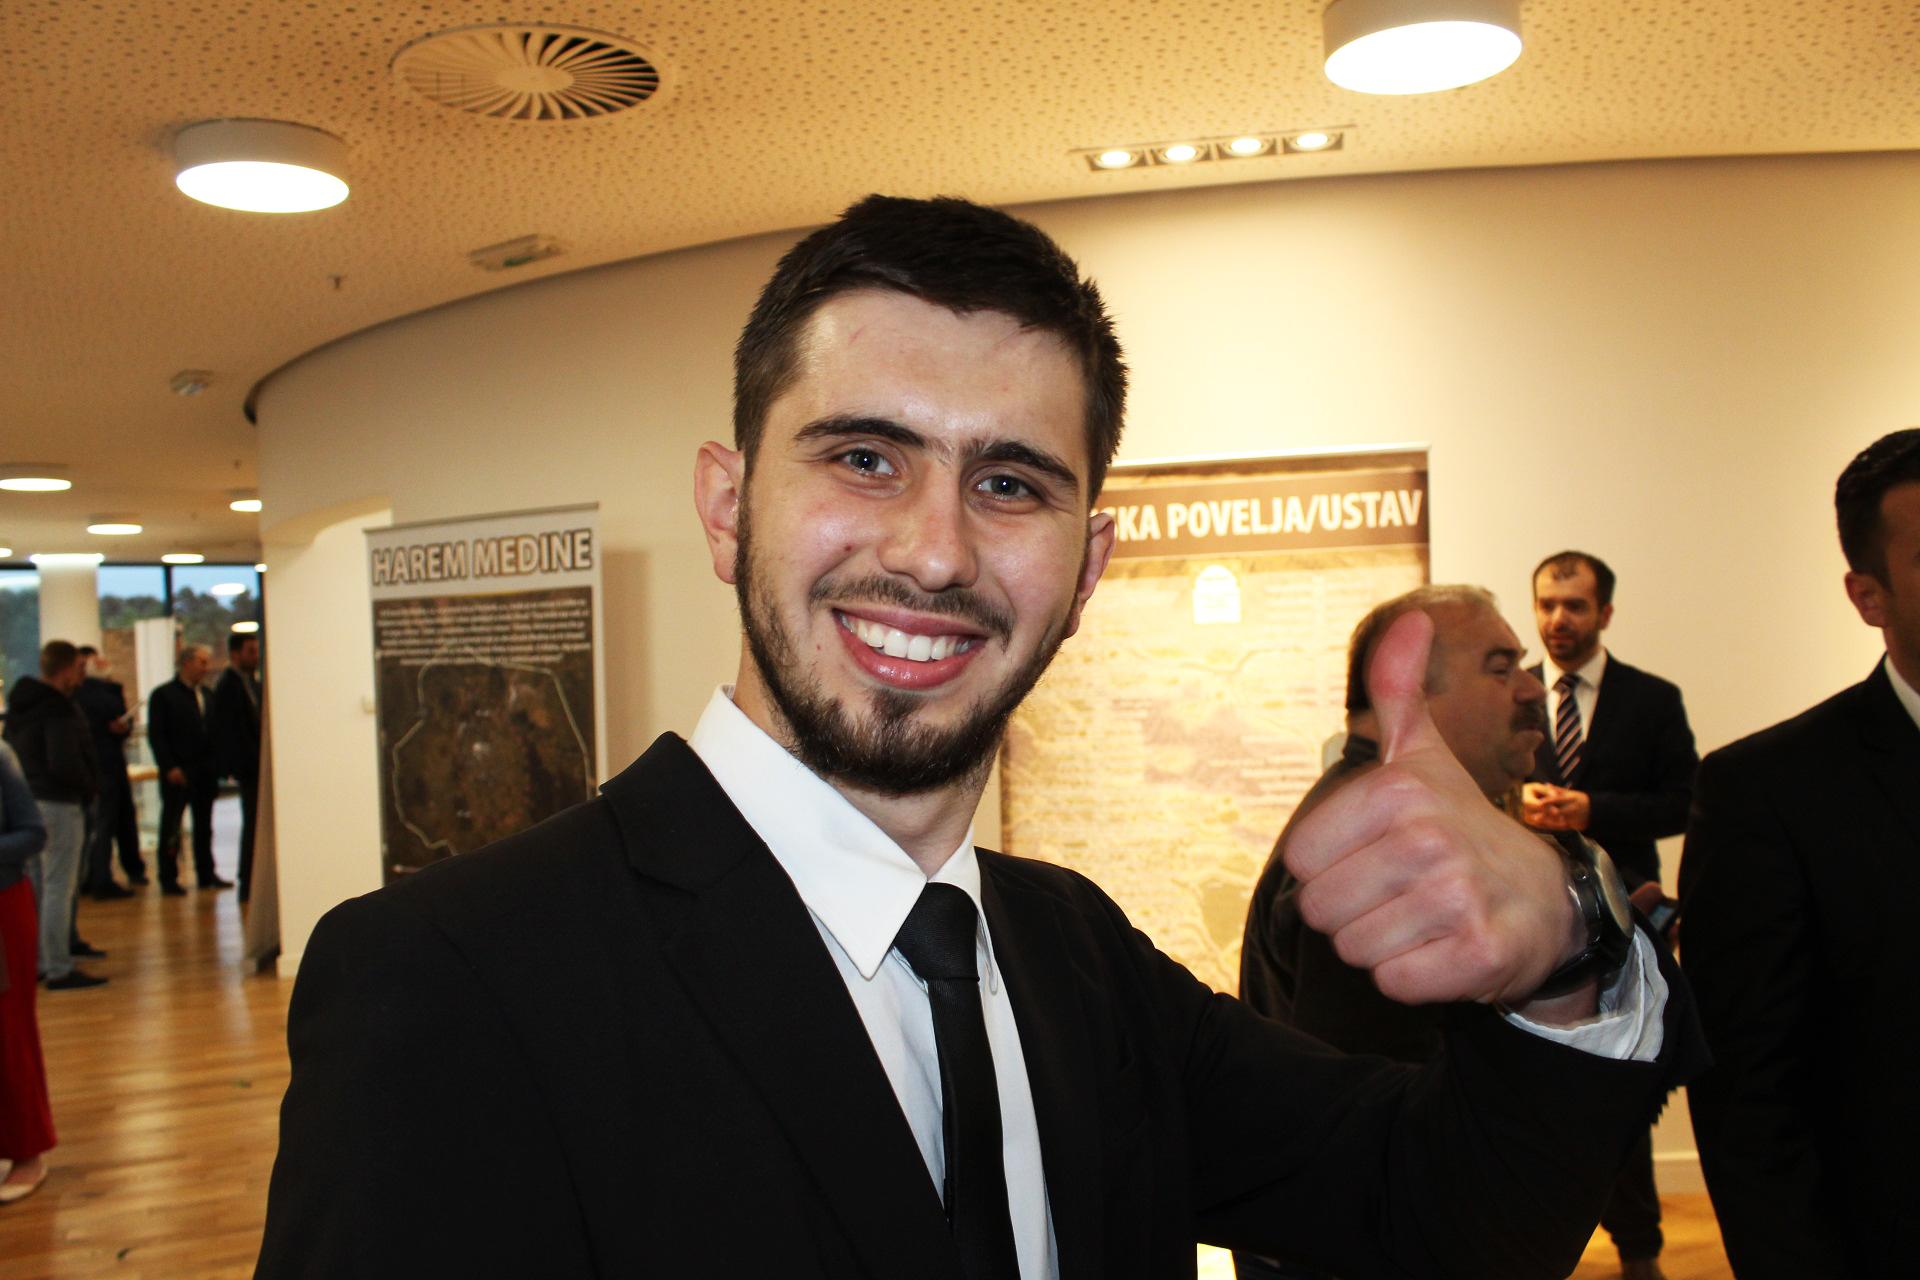 Vodič Harun Hasić je očarao mnoge posjetitelje, kao i posjetiteljke svojim sunnetskim, veselim i prelijepim osmijehom.